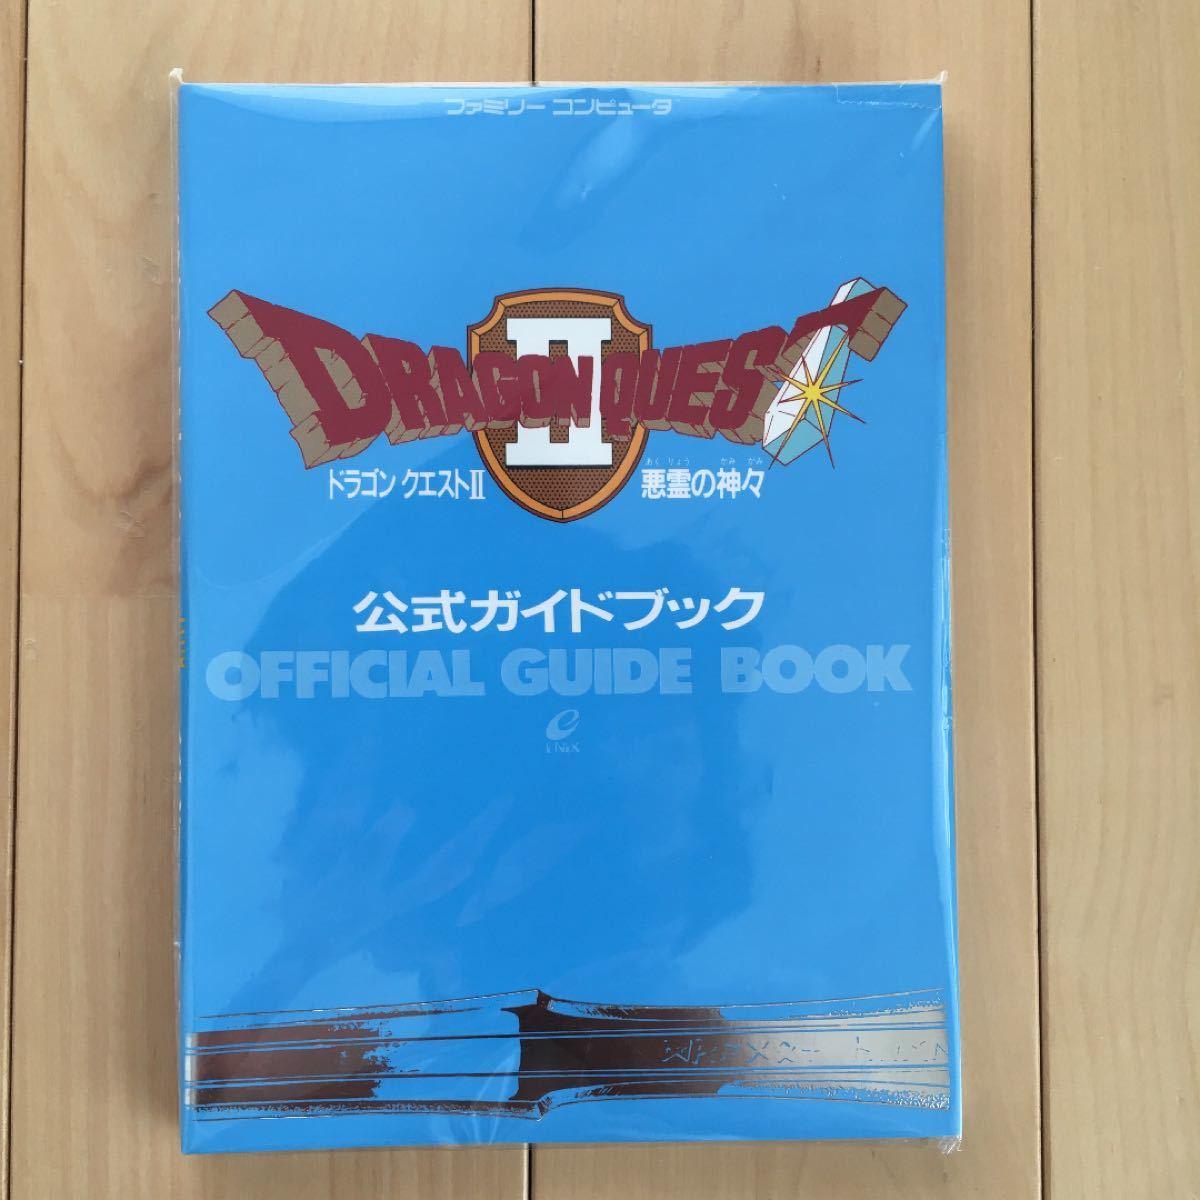 美品 ドラゴンクエスト2 公式ガイドブック 攻略本